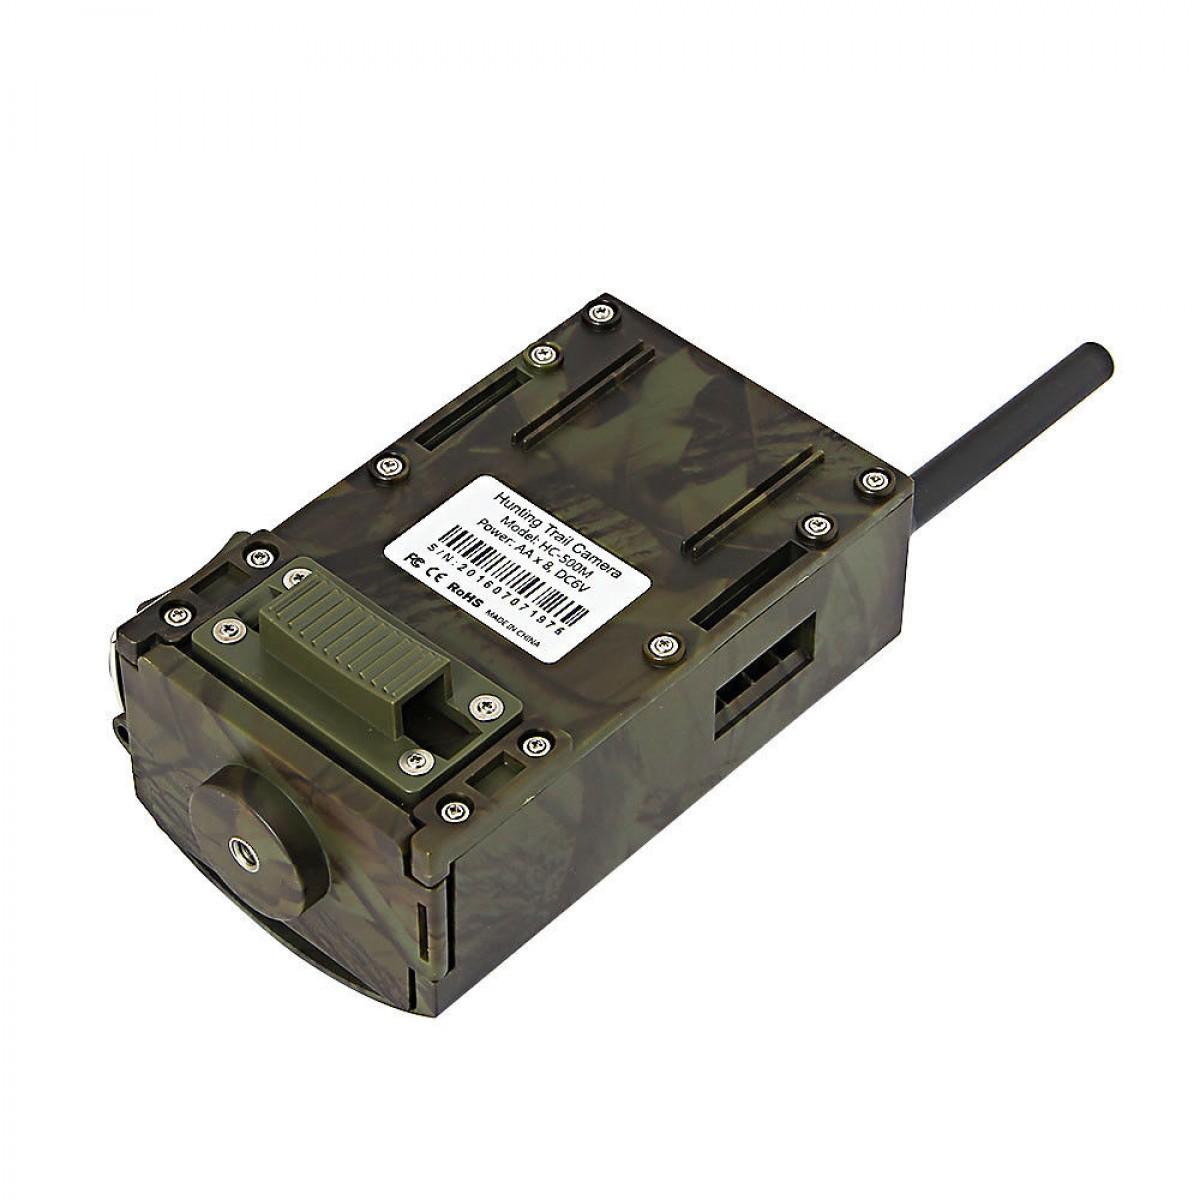 Κρυφή κάμερα στέλνει MMS και EMAIL αυτονομία έως 6 μήνες με νυχτερινή λήψη SD-32GB OEM HC-500M